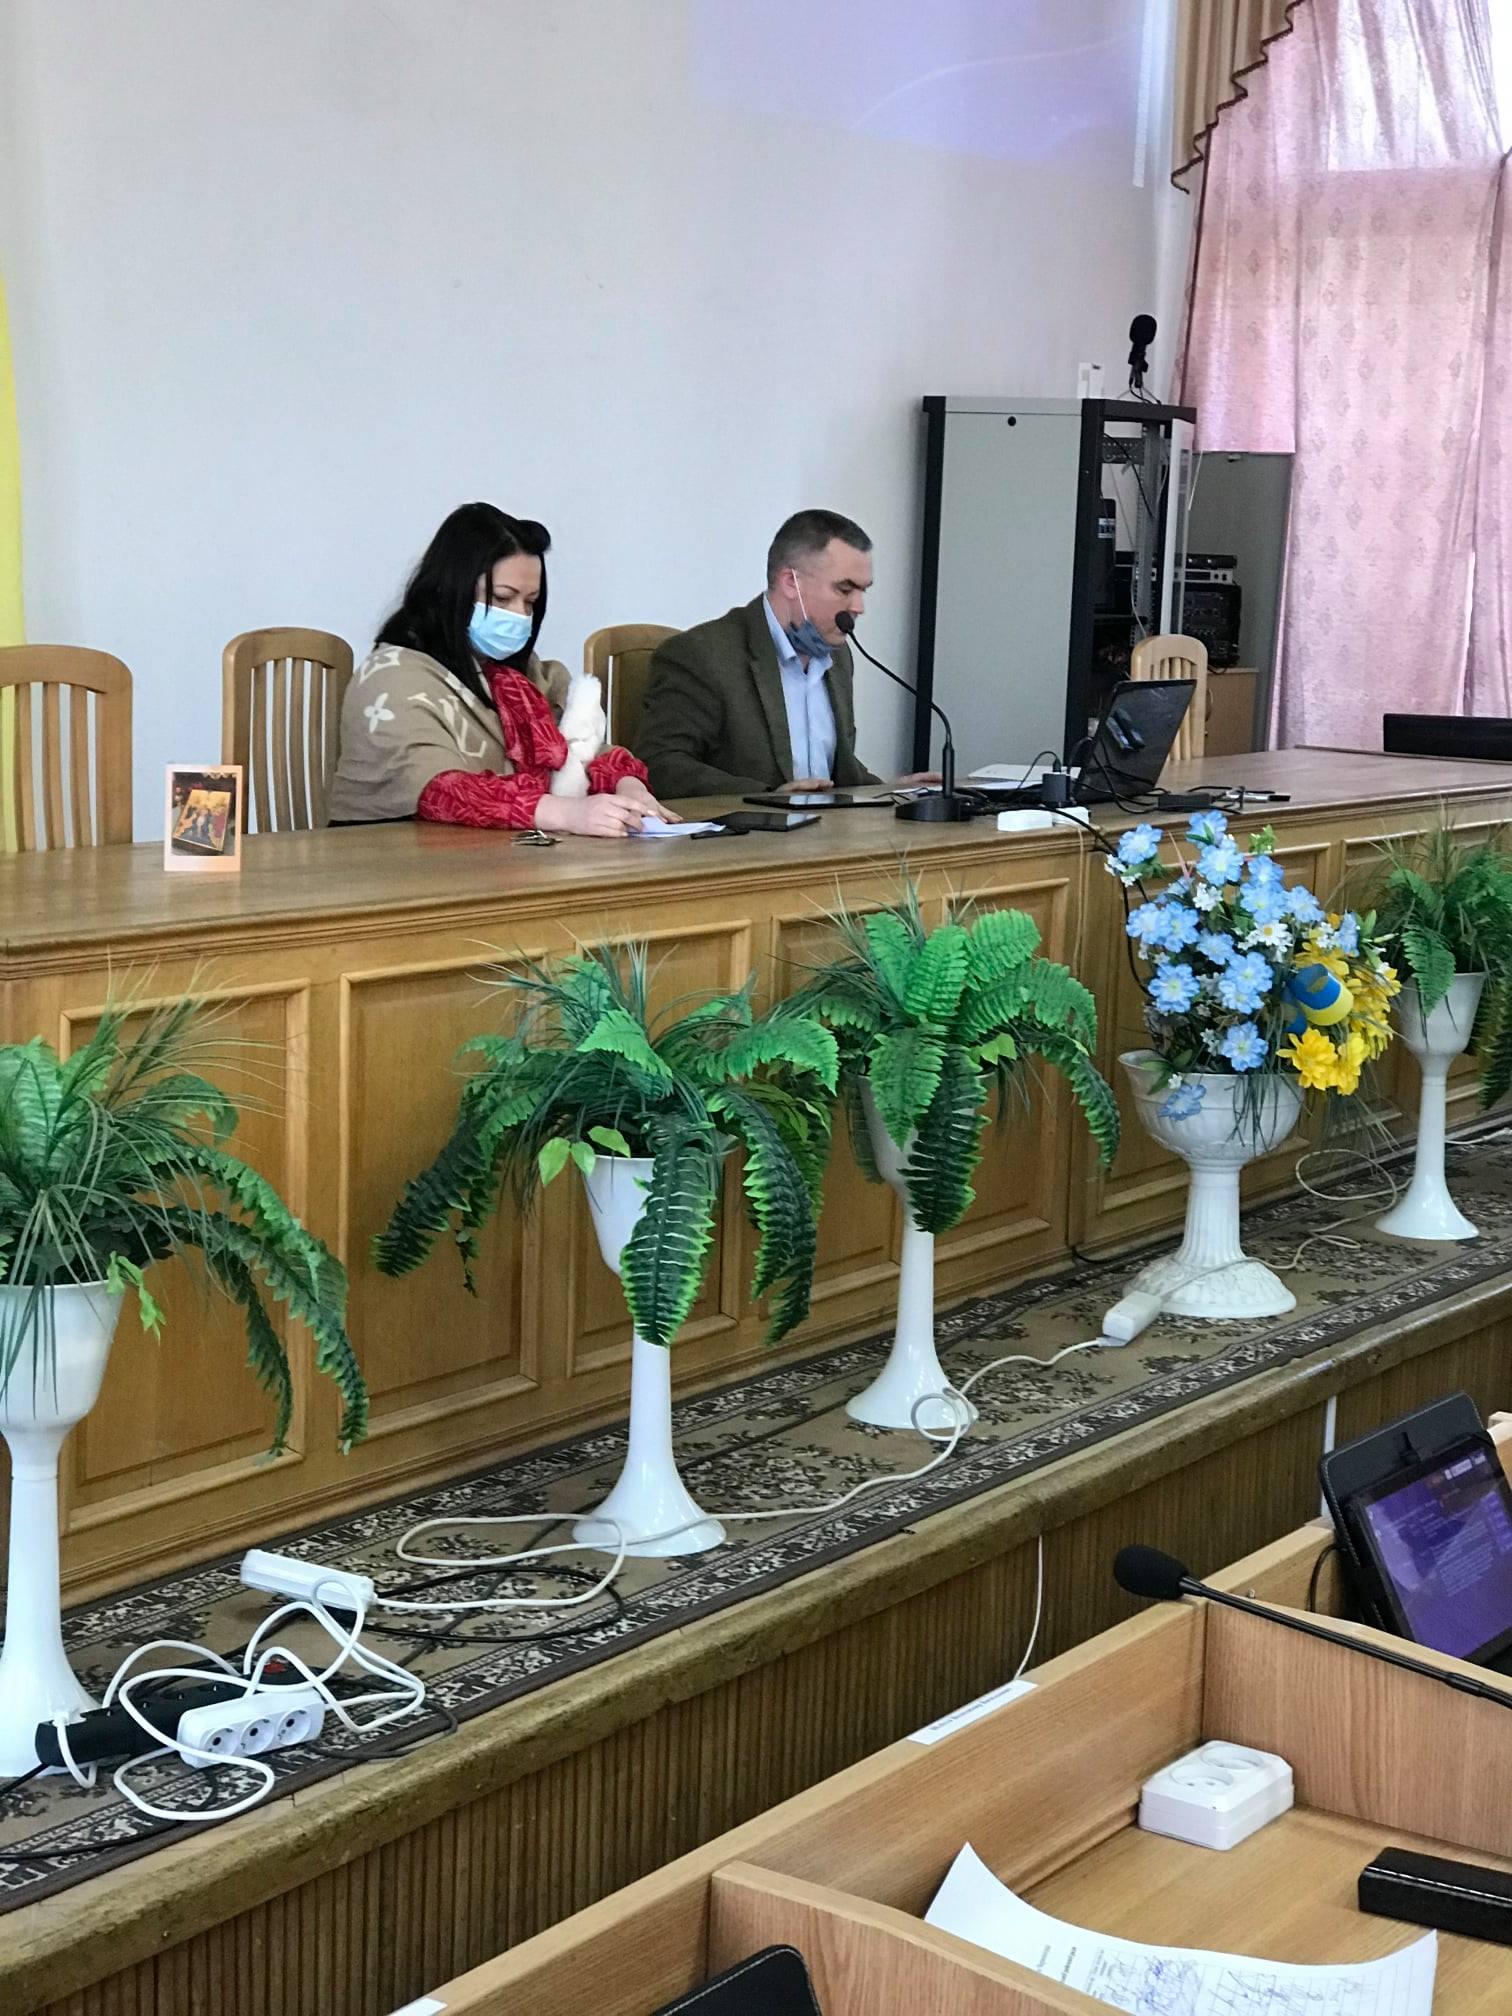 Червоноградська районна рада висловилась проти підвищення тарифів і прийняла відповідне звернення